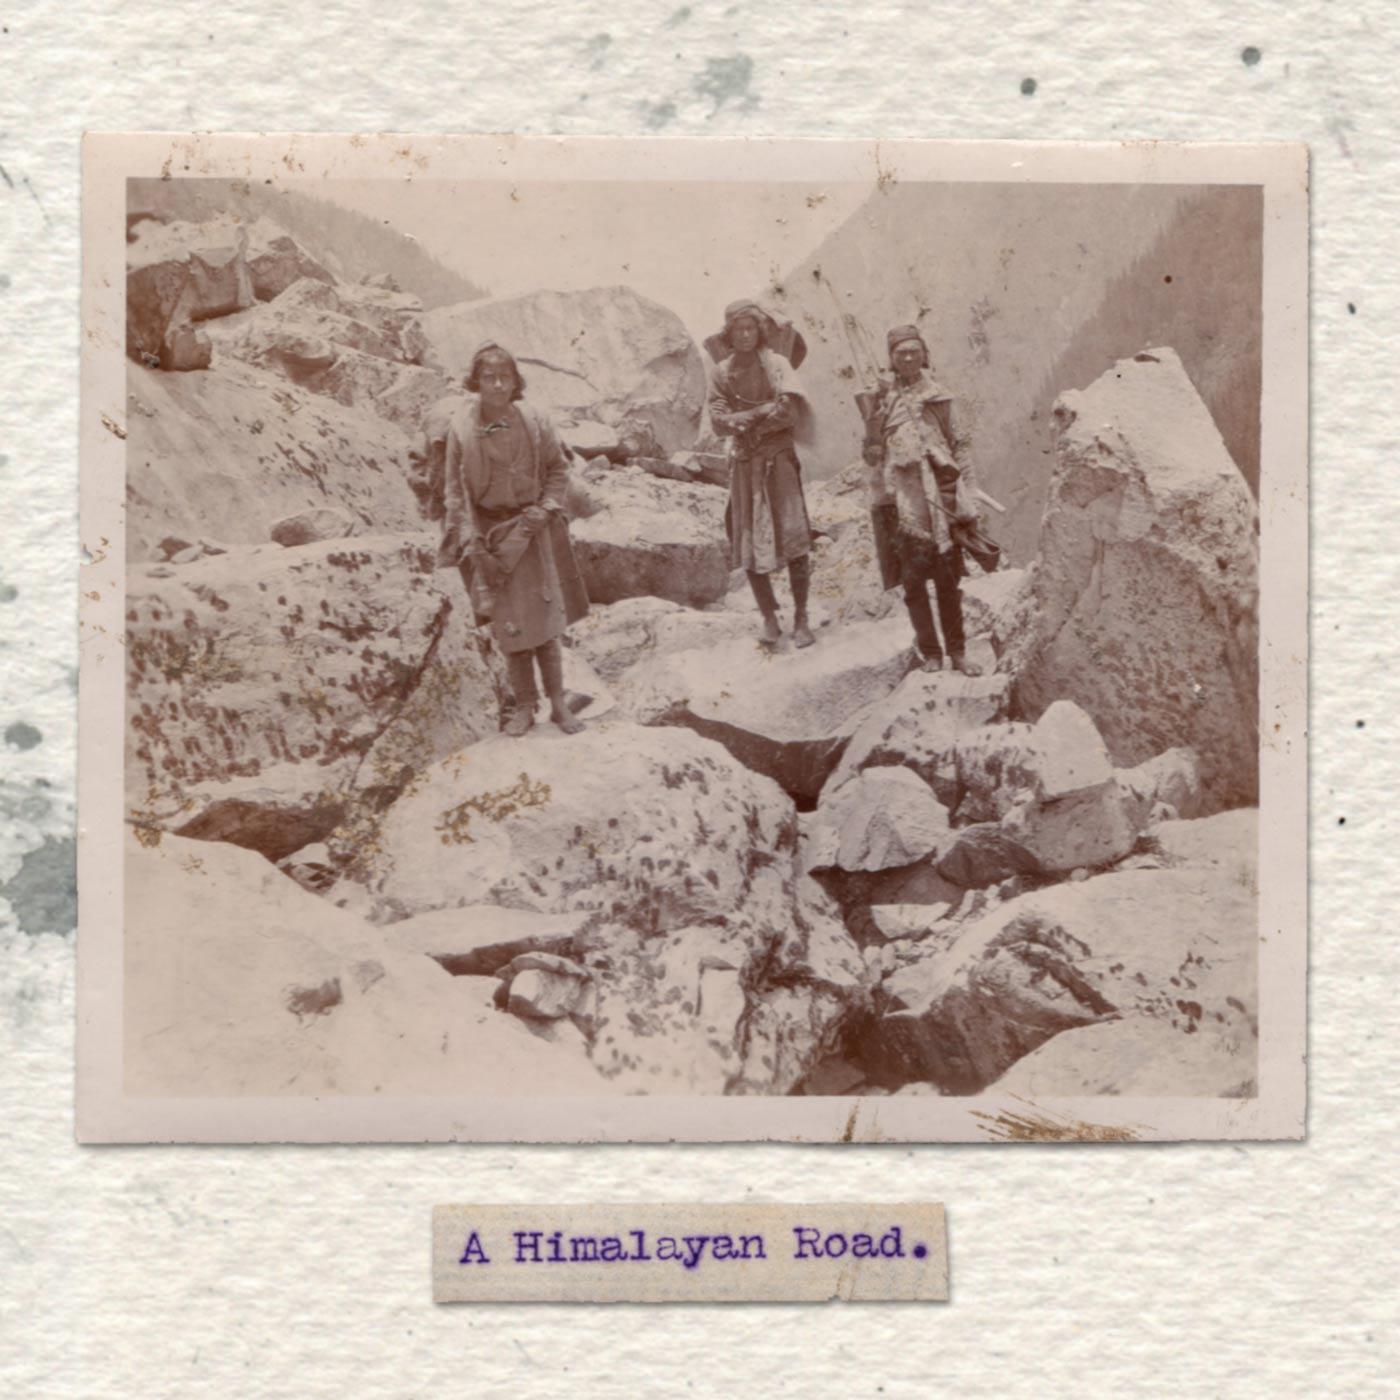 Tibet, 1900 part 12